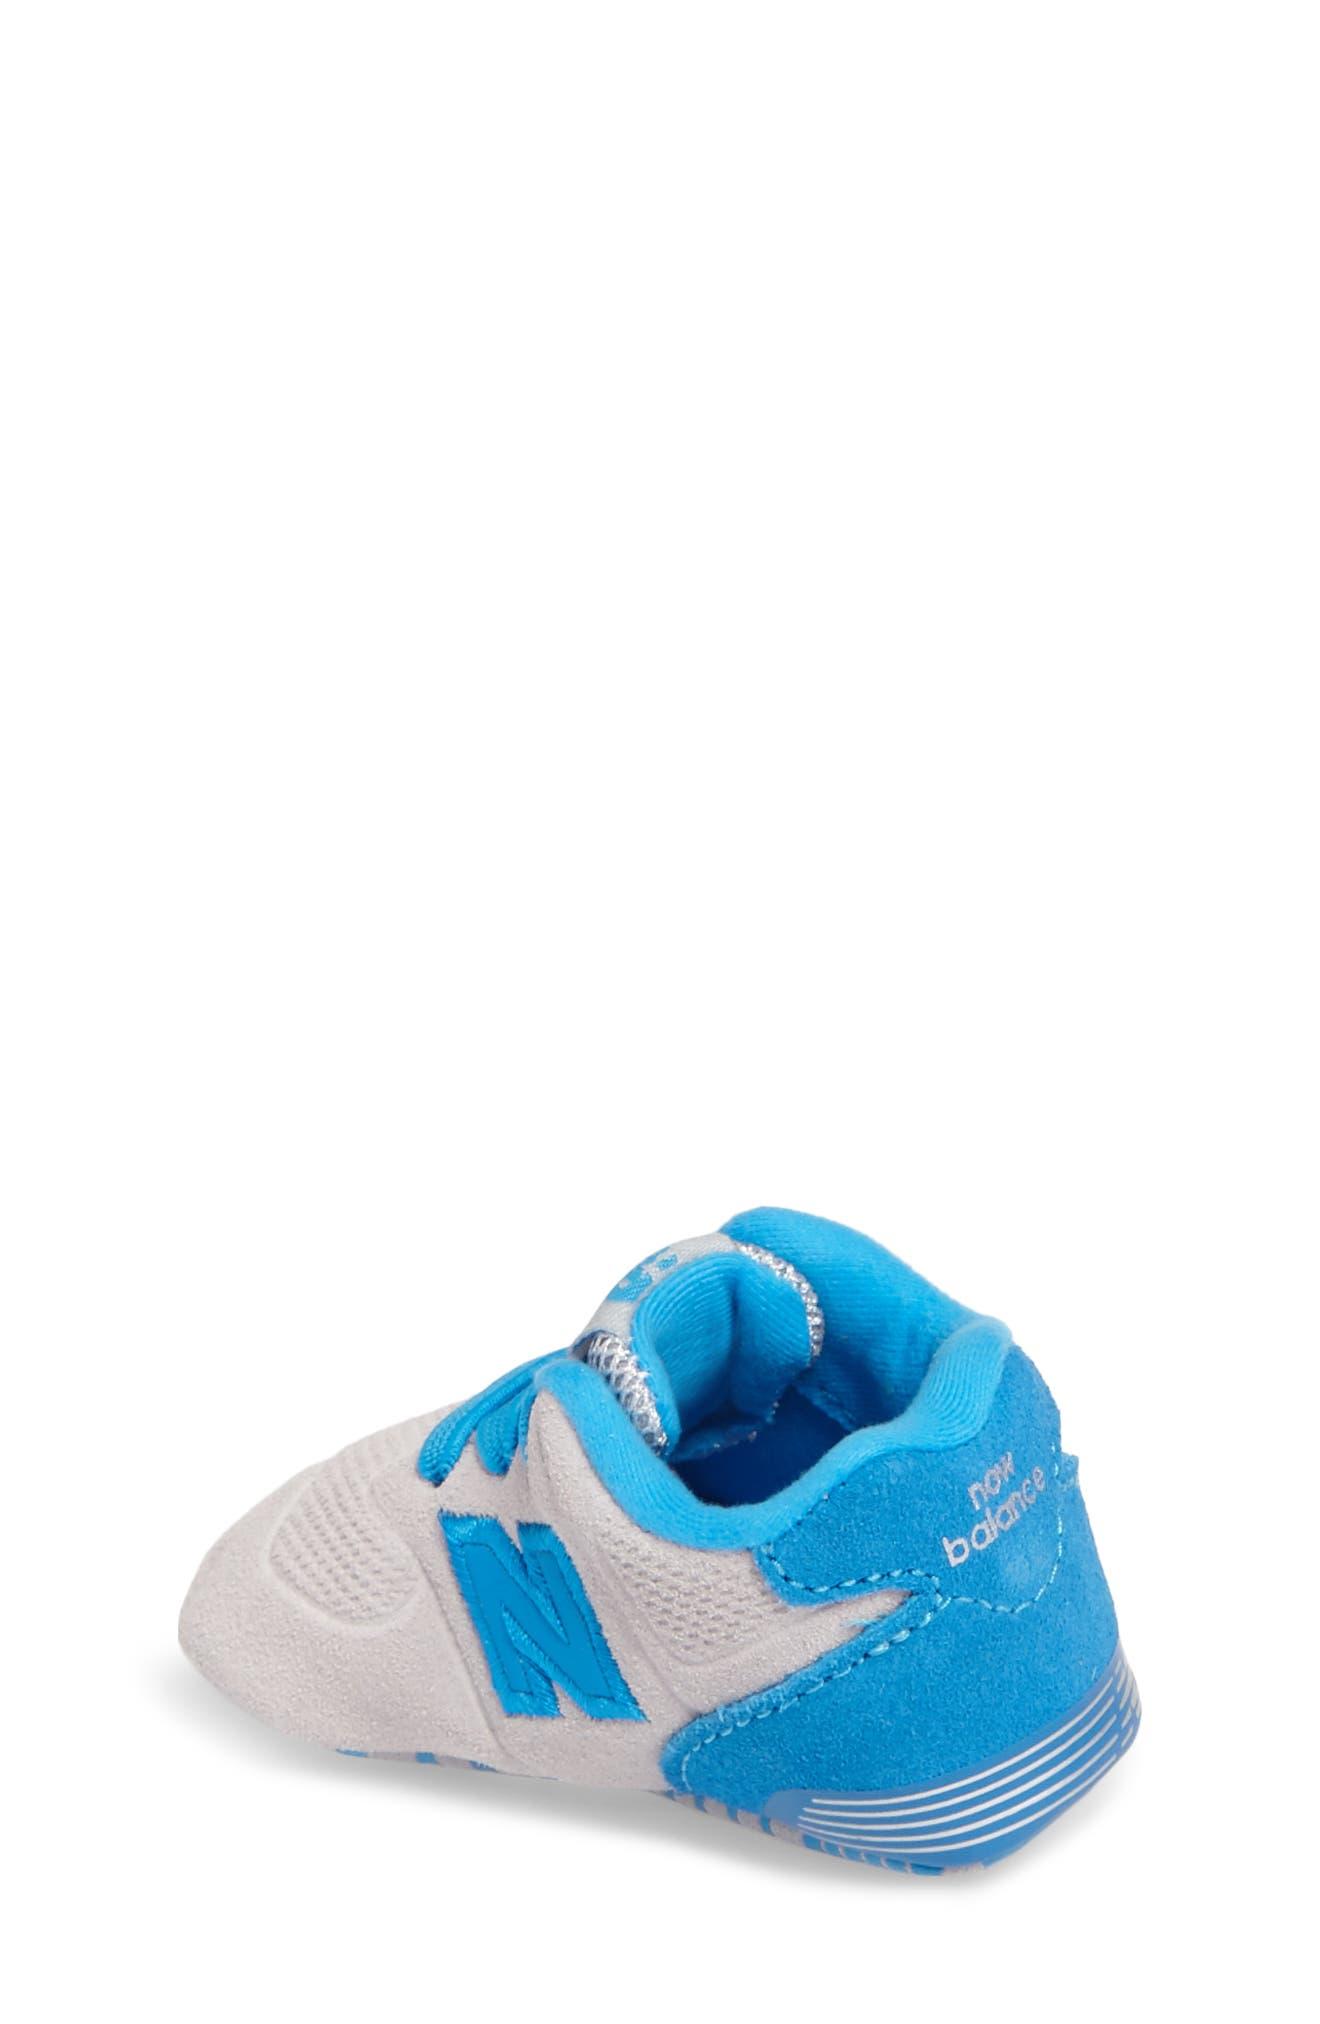 547 Crib Shoe,                             Alternate thumbnail 2, color,